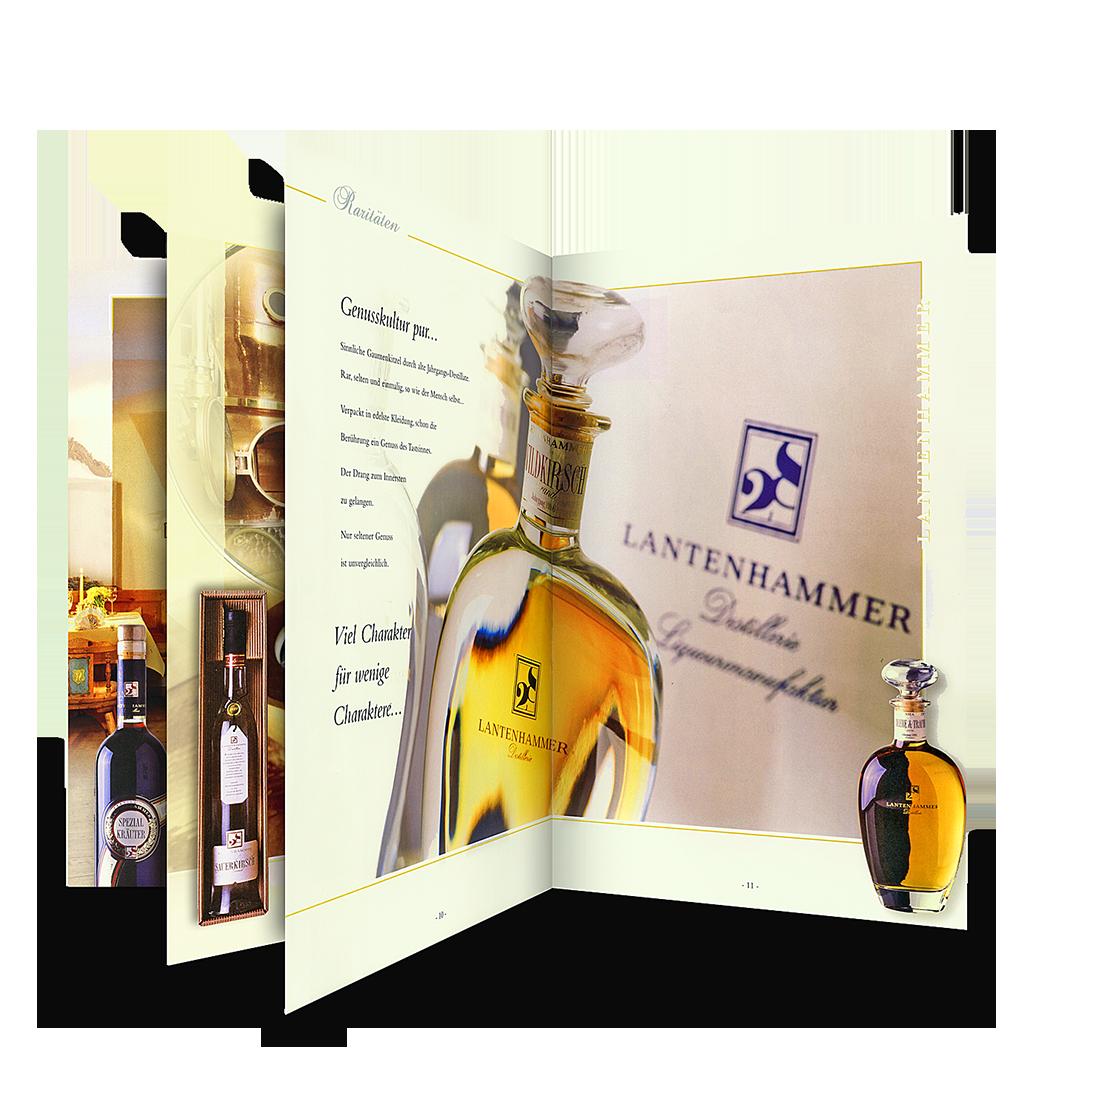 Marketingleiter, Marktanalyse, Vertriebsanalyse, Wettbewerberanalyse, Branchenkenntnis by Schoellmann & Sie Marketingagentur Werbeagentur